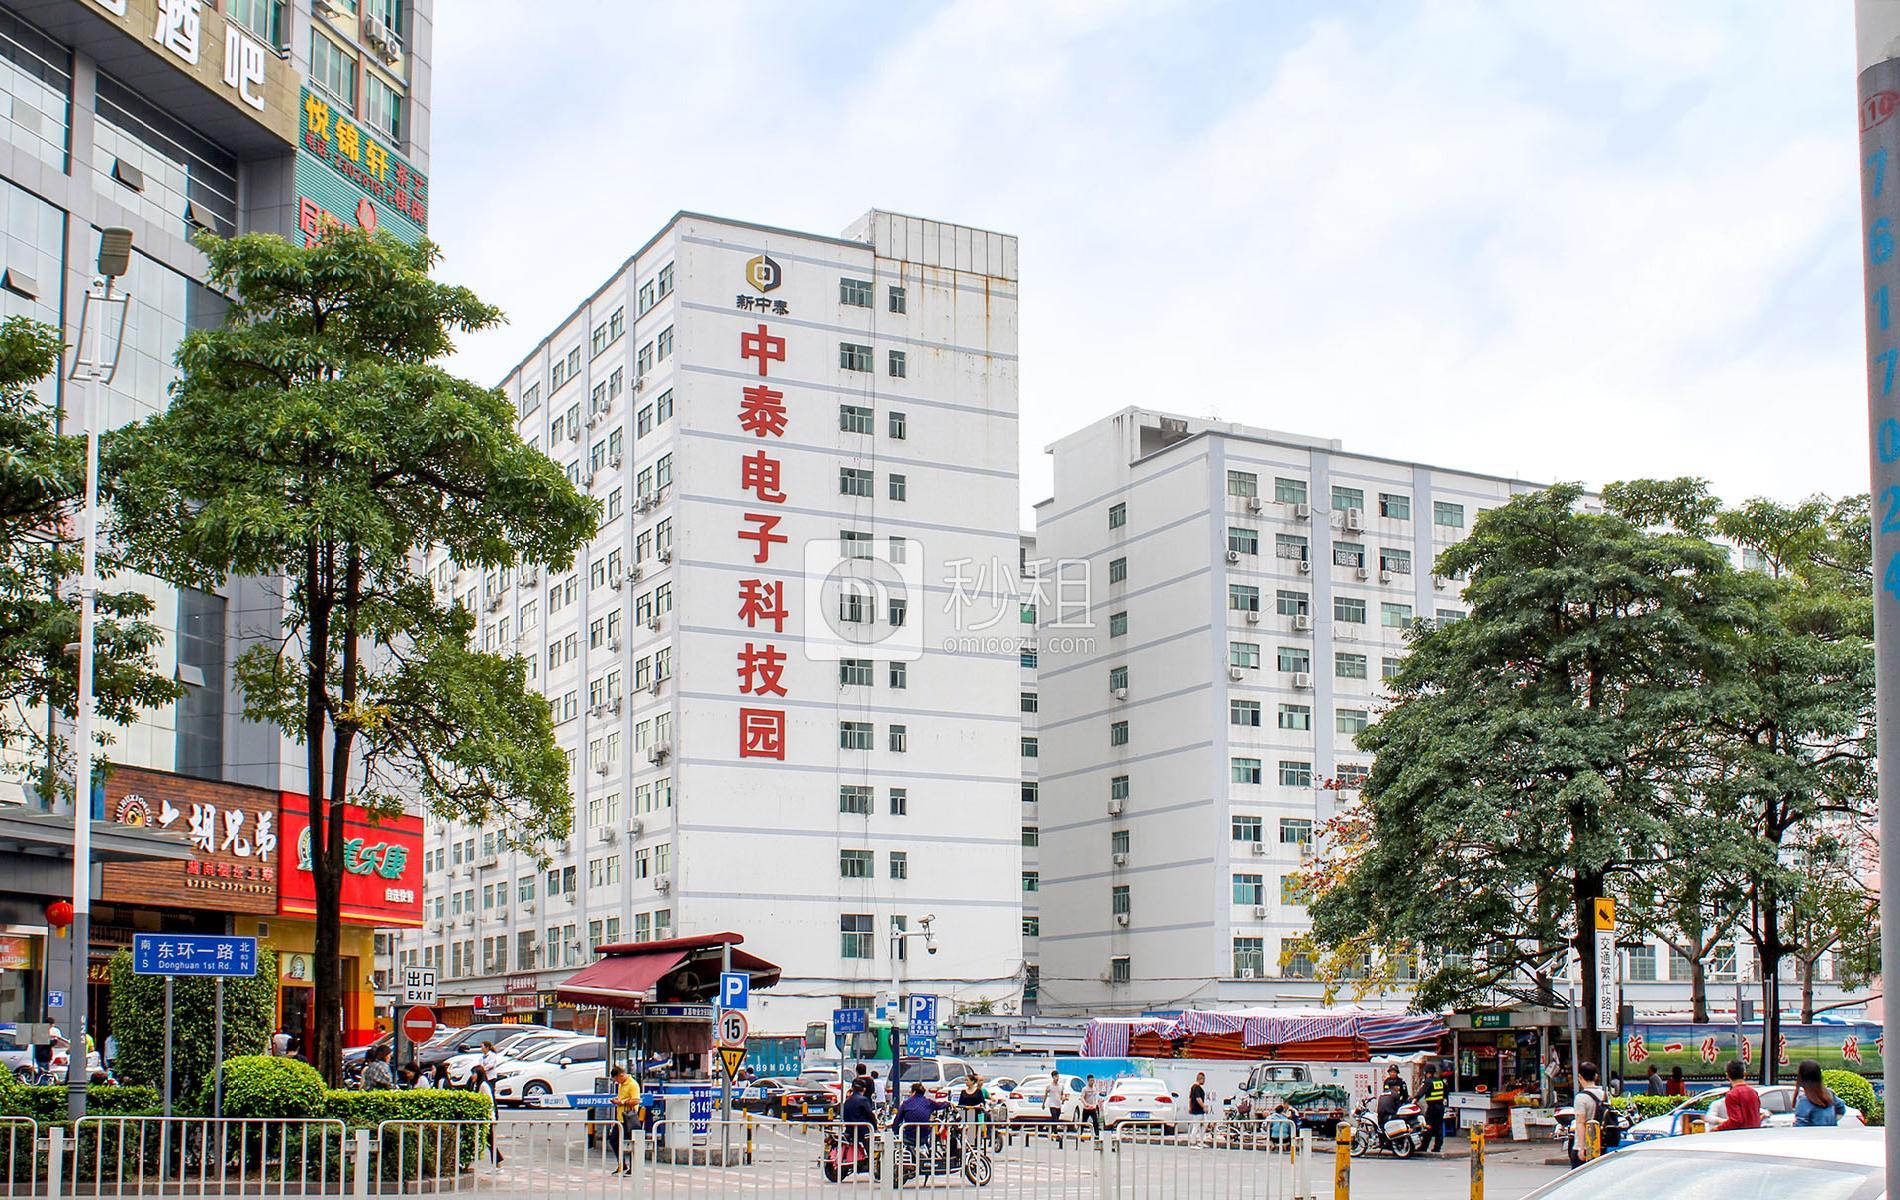 中泰科技园写字楼出租/招租/租赁,中泰科技园办公室出租/招租/租赁